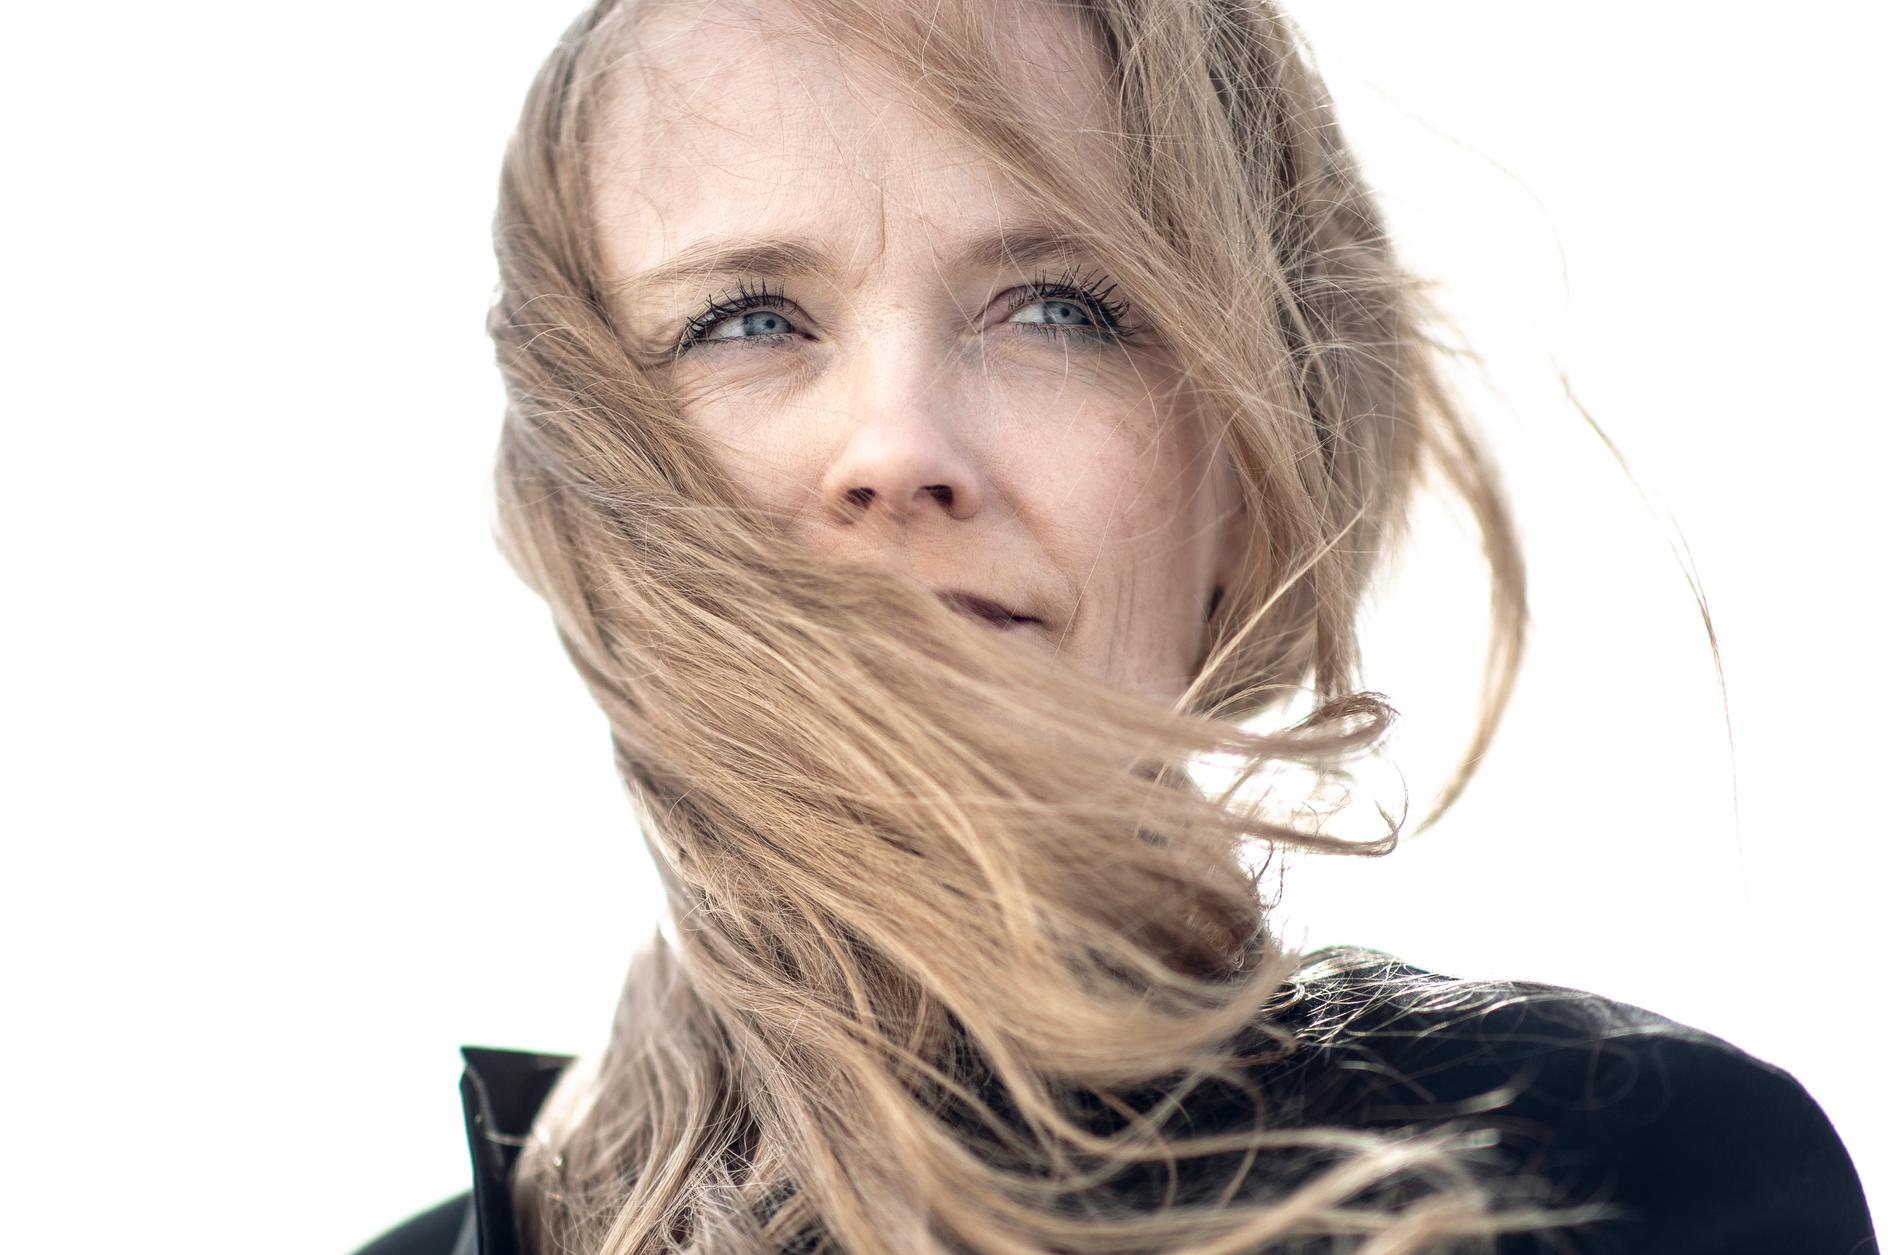 """Ane Brun släpper i dag albumet """"After the great storm"""". Ytterligare ett album kommer i slutet av november."""